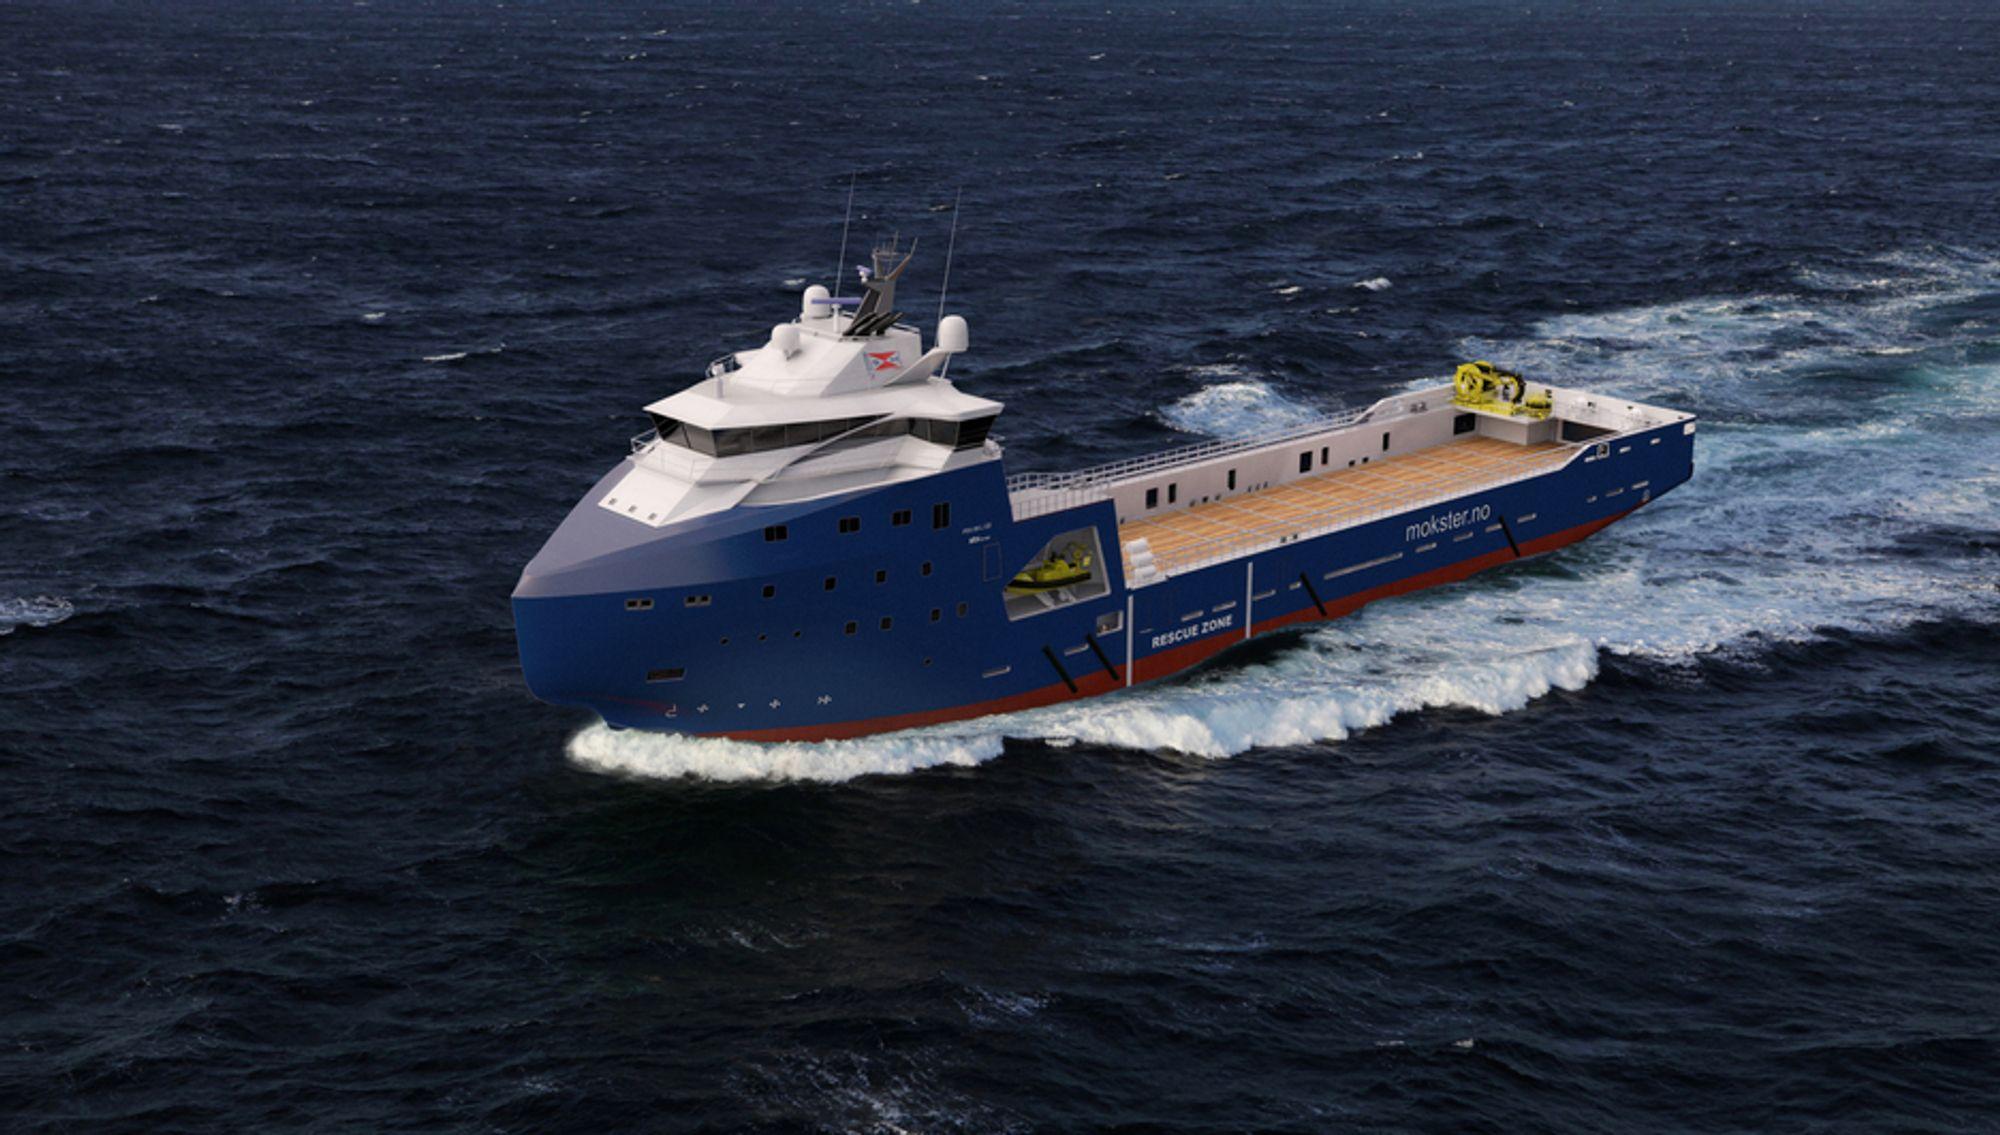 ARBEIDHEST: Det nye forsyningsskipet til Simon Møkster Rederi klargjøres for oppdrag i arktiske strøk og for redningsoperasjoner og oljeoppsamling.